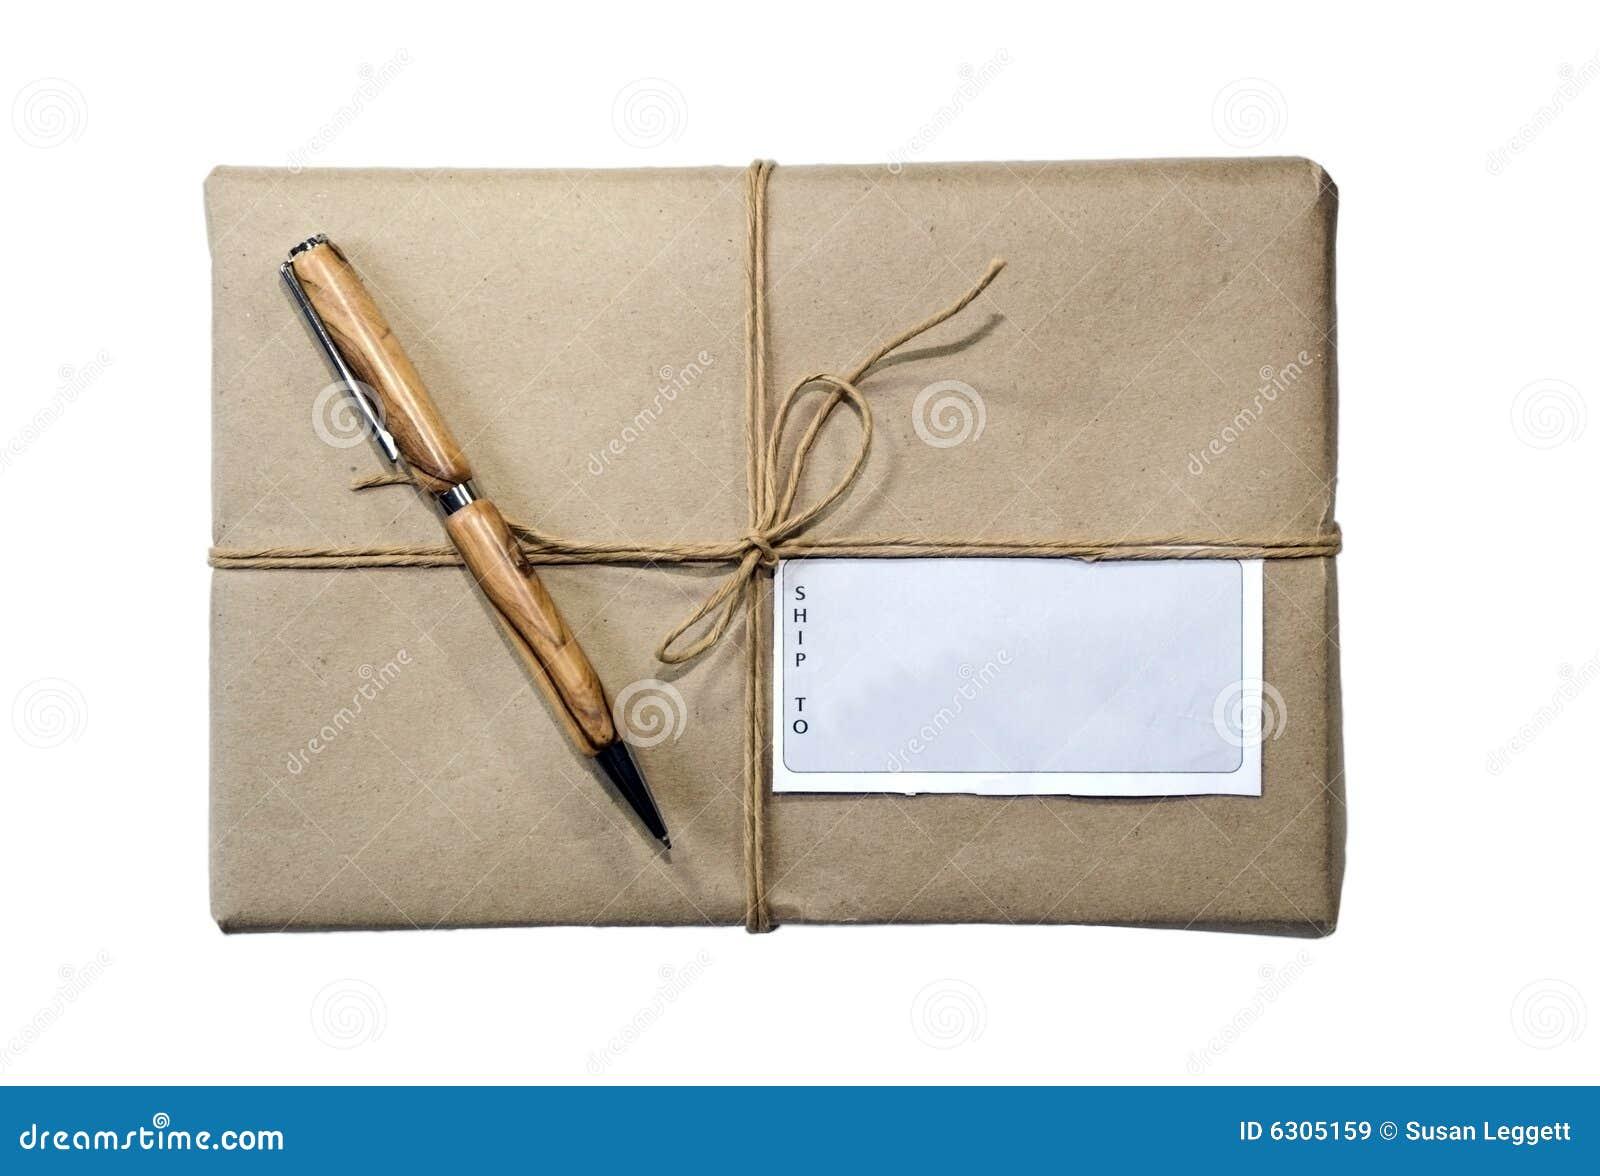 paket paket schnur und kennsatz stockbild bild 6305159. Black Bedroom Furniture Sets. Home Design Ideas